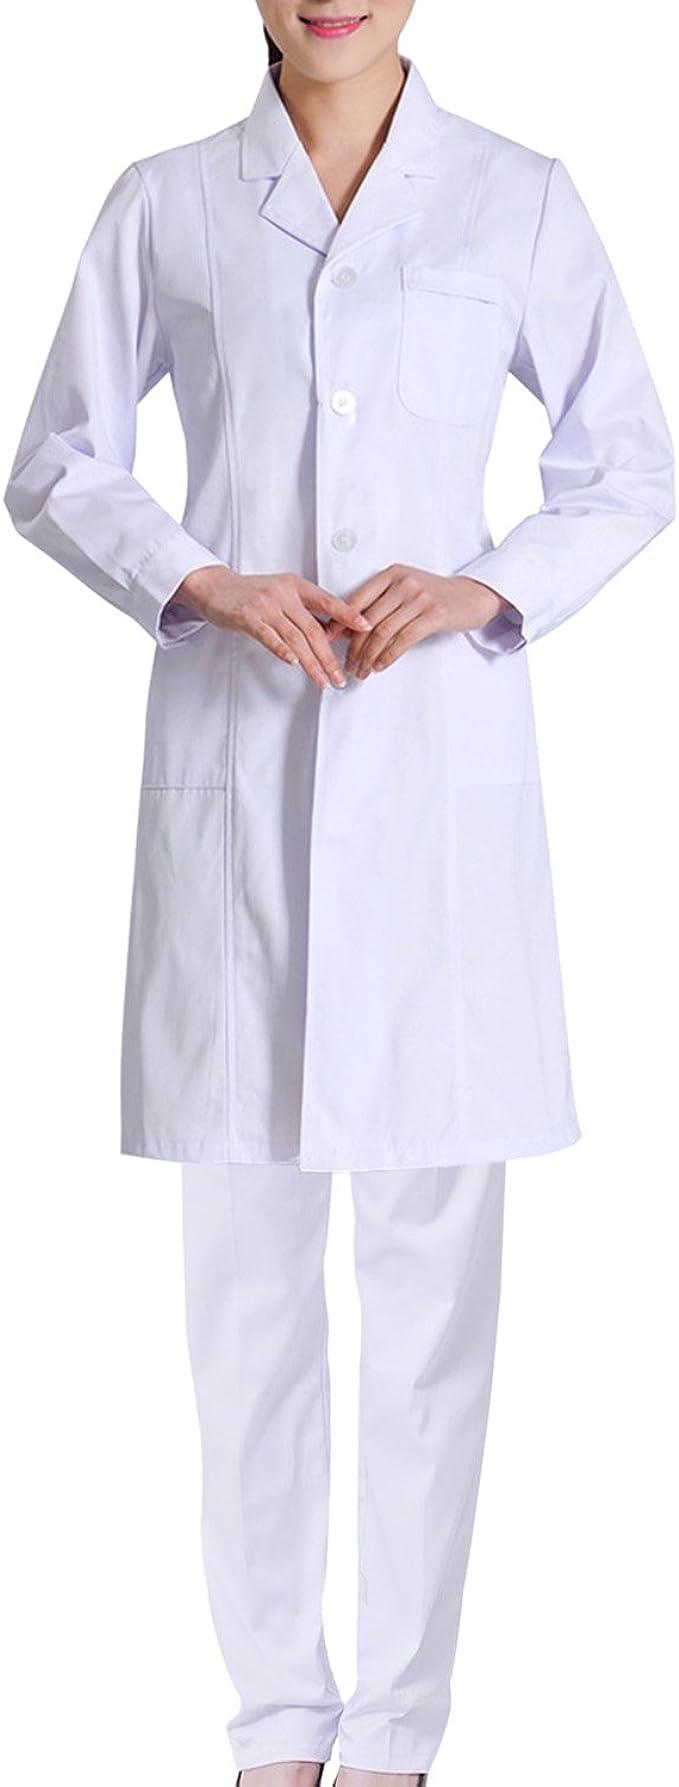 Sasairy Mujer Bata Médico de Poliéster Manga Larga + Pantalones Médicos con Banda Elástica Bata de Laboratorio Enfermera Sanitaria de Trabajo para Médicos Científico Enfermera: Amazon.es: Ropa y accesorios